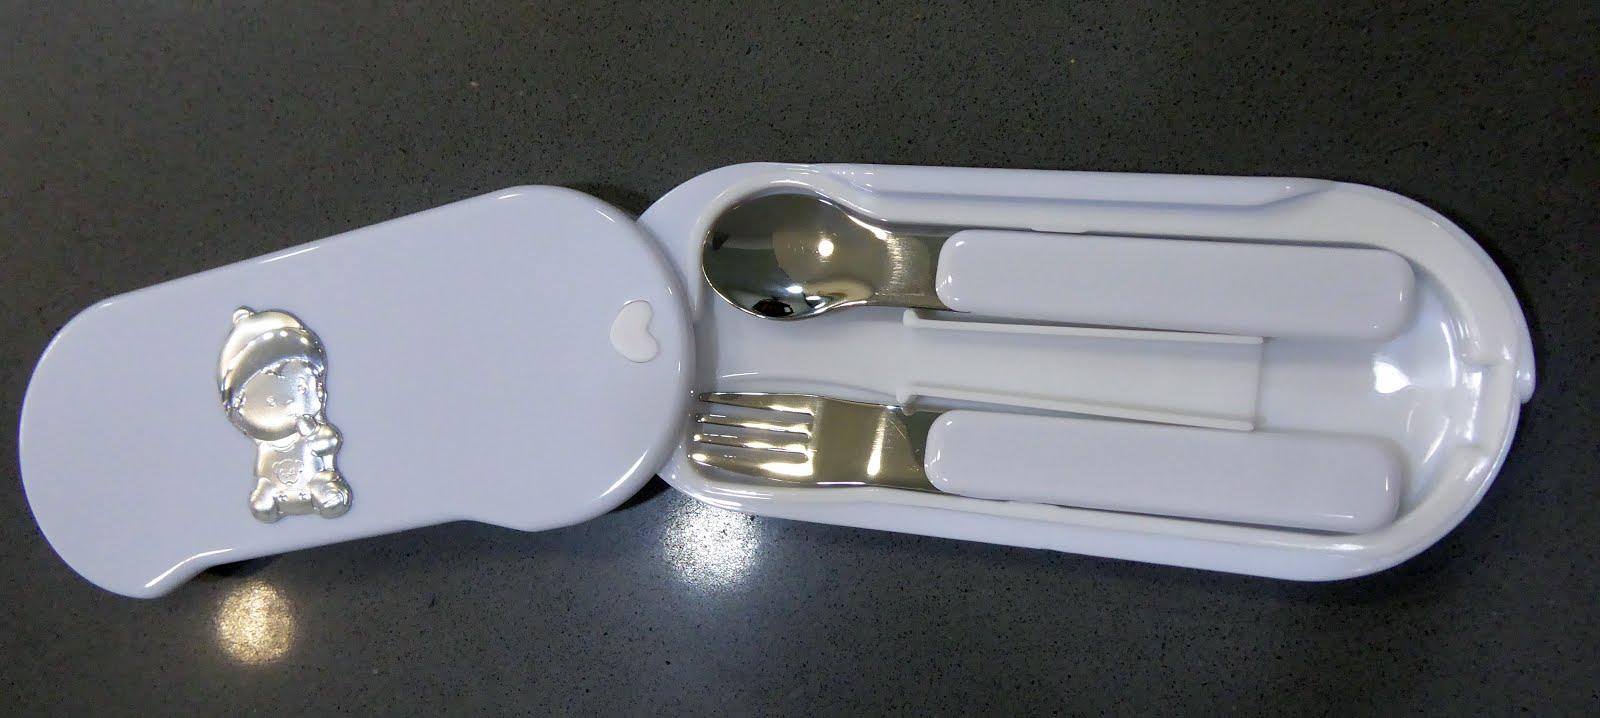 Estuche cuchara y tenedor infantiles, color blanco. El estuche se gira para abrirse.